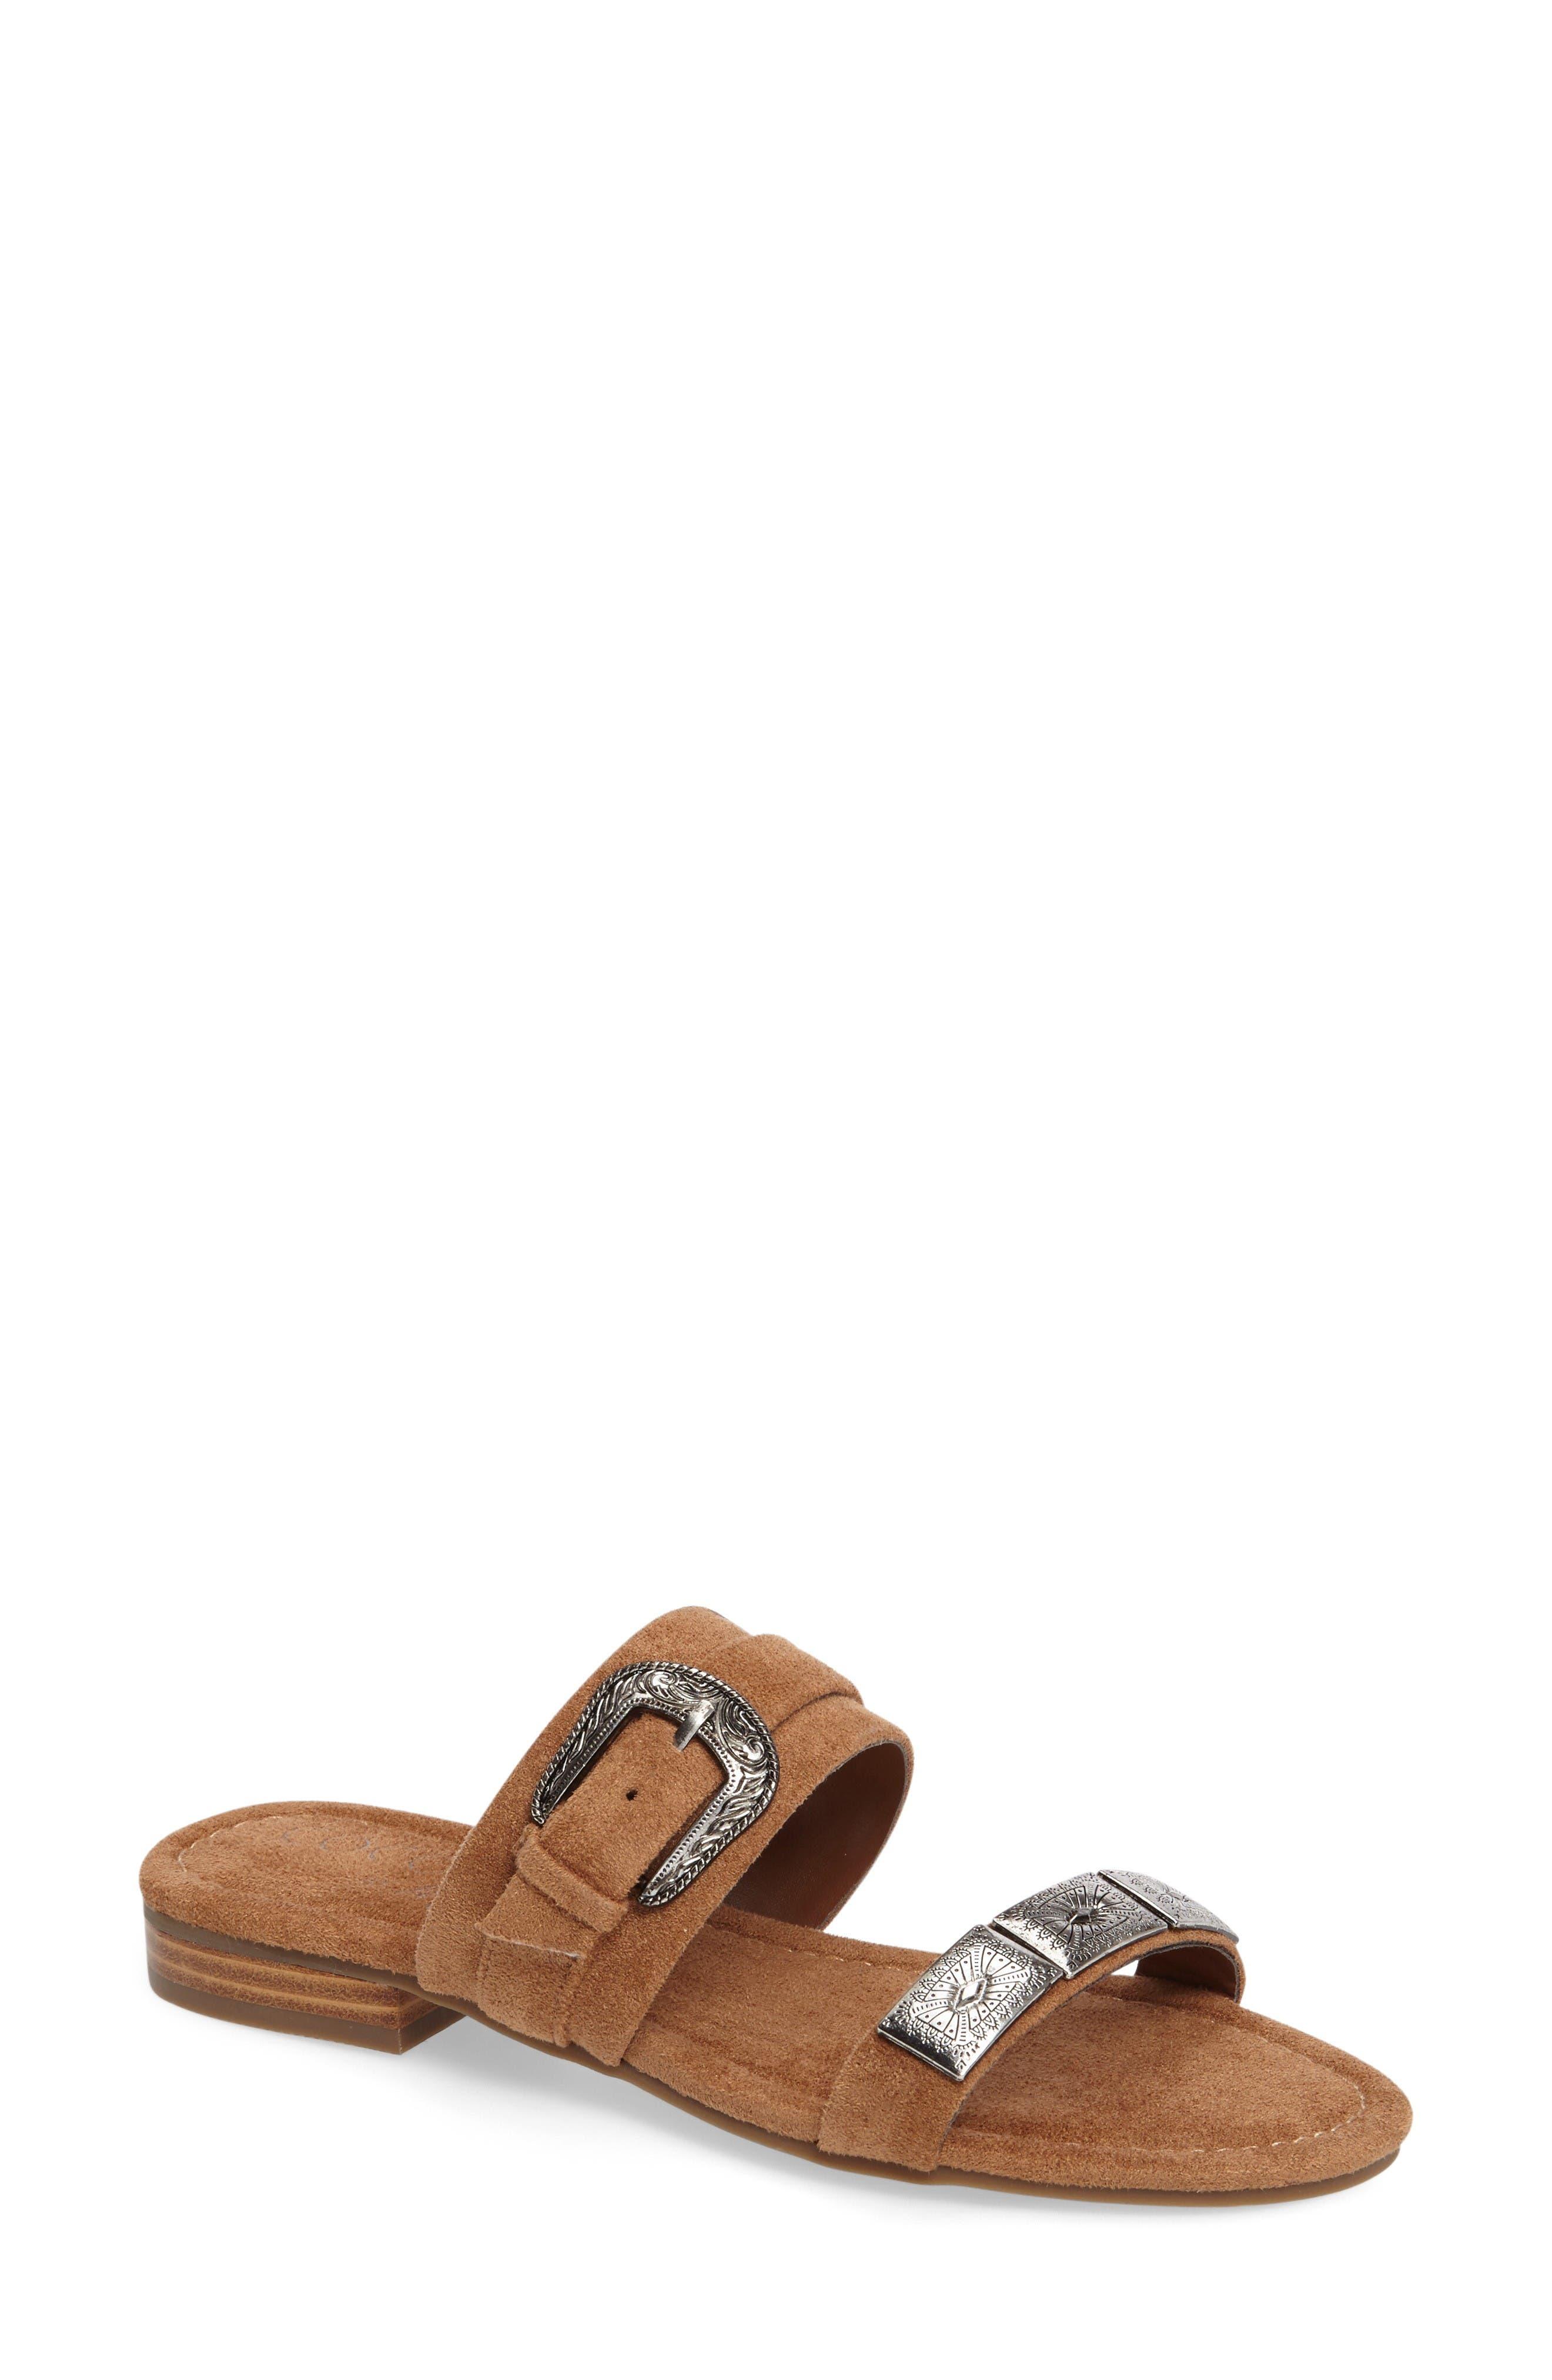 Alternate Image 1 Selected - Matisse Brantley Buckle Slide Sandal (Women)